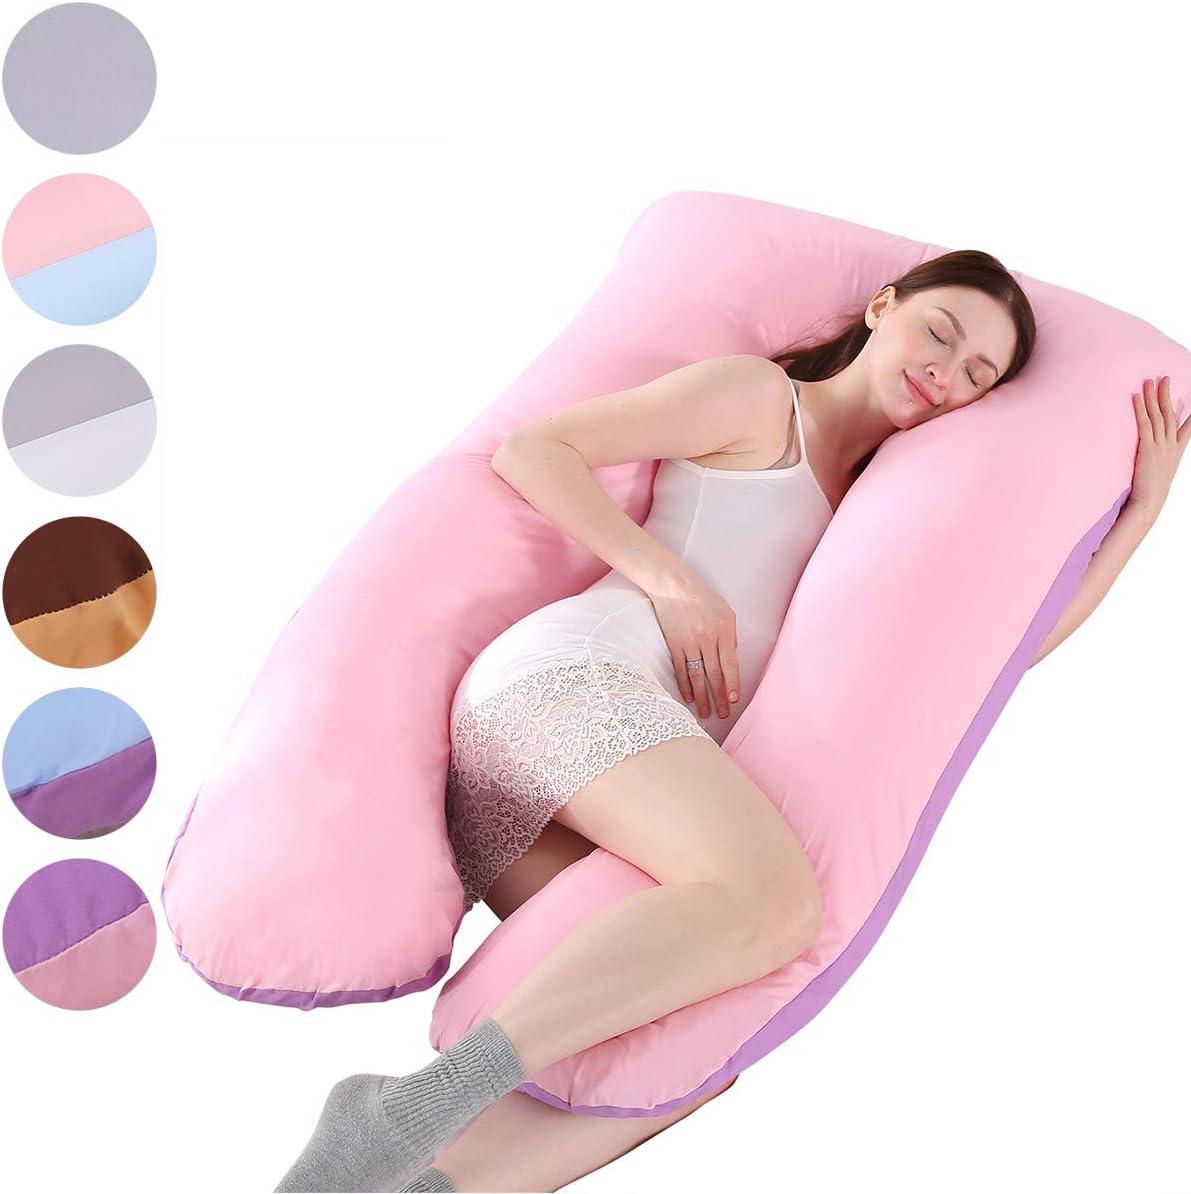 Almohada de embarazo, incluye funda de almohada de algodón, almohadas de maternidad para mujeres embarazadas con forma de U, funda de almohada desmontable y lavable, 70 x 145 cm (Púrpura + rosa)